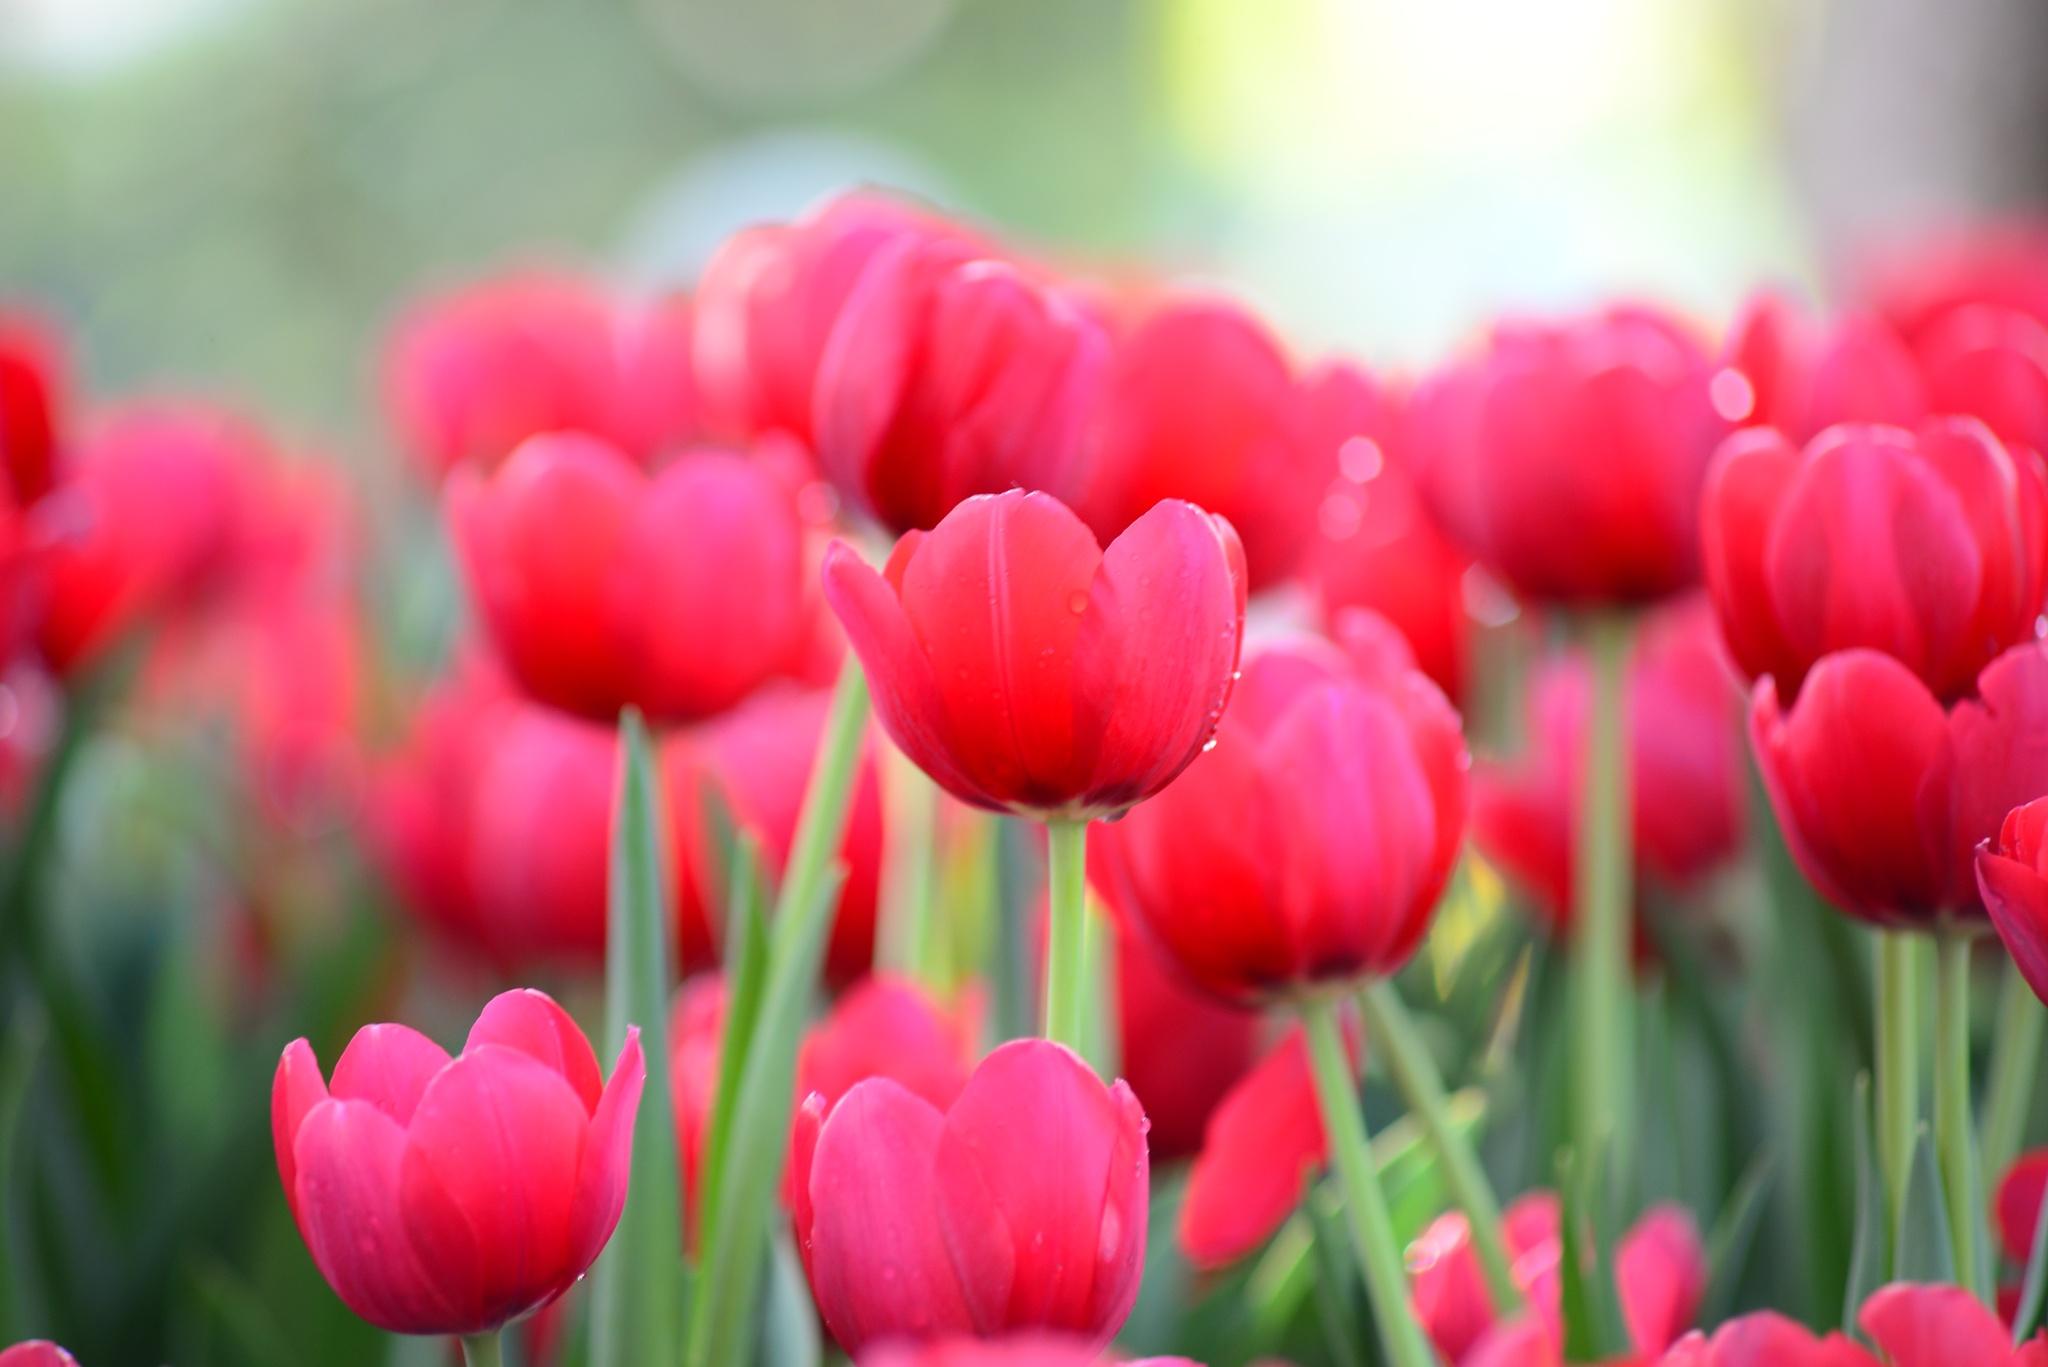 Tulip by Trung Đặng